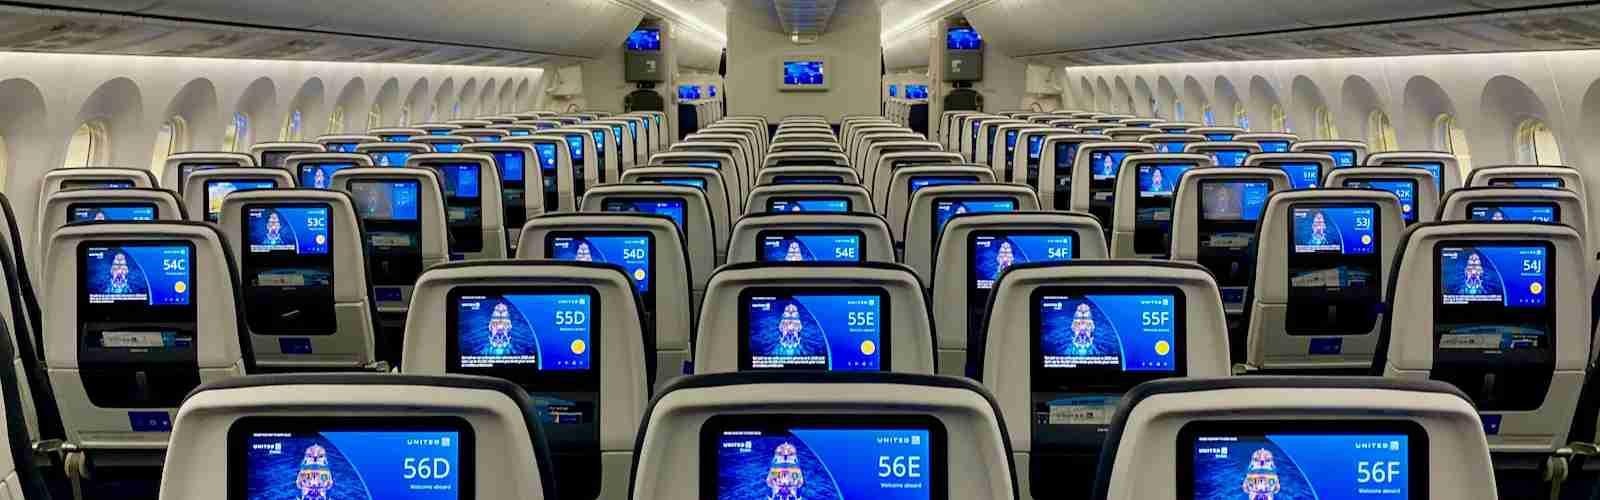 United Dreamliner Polaris Premium Plus Economy Cabins Zach Griff - 35